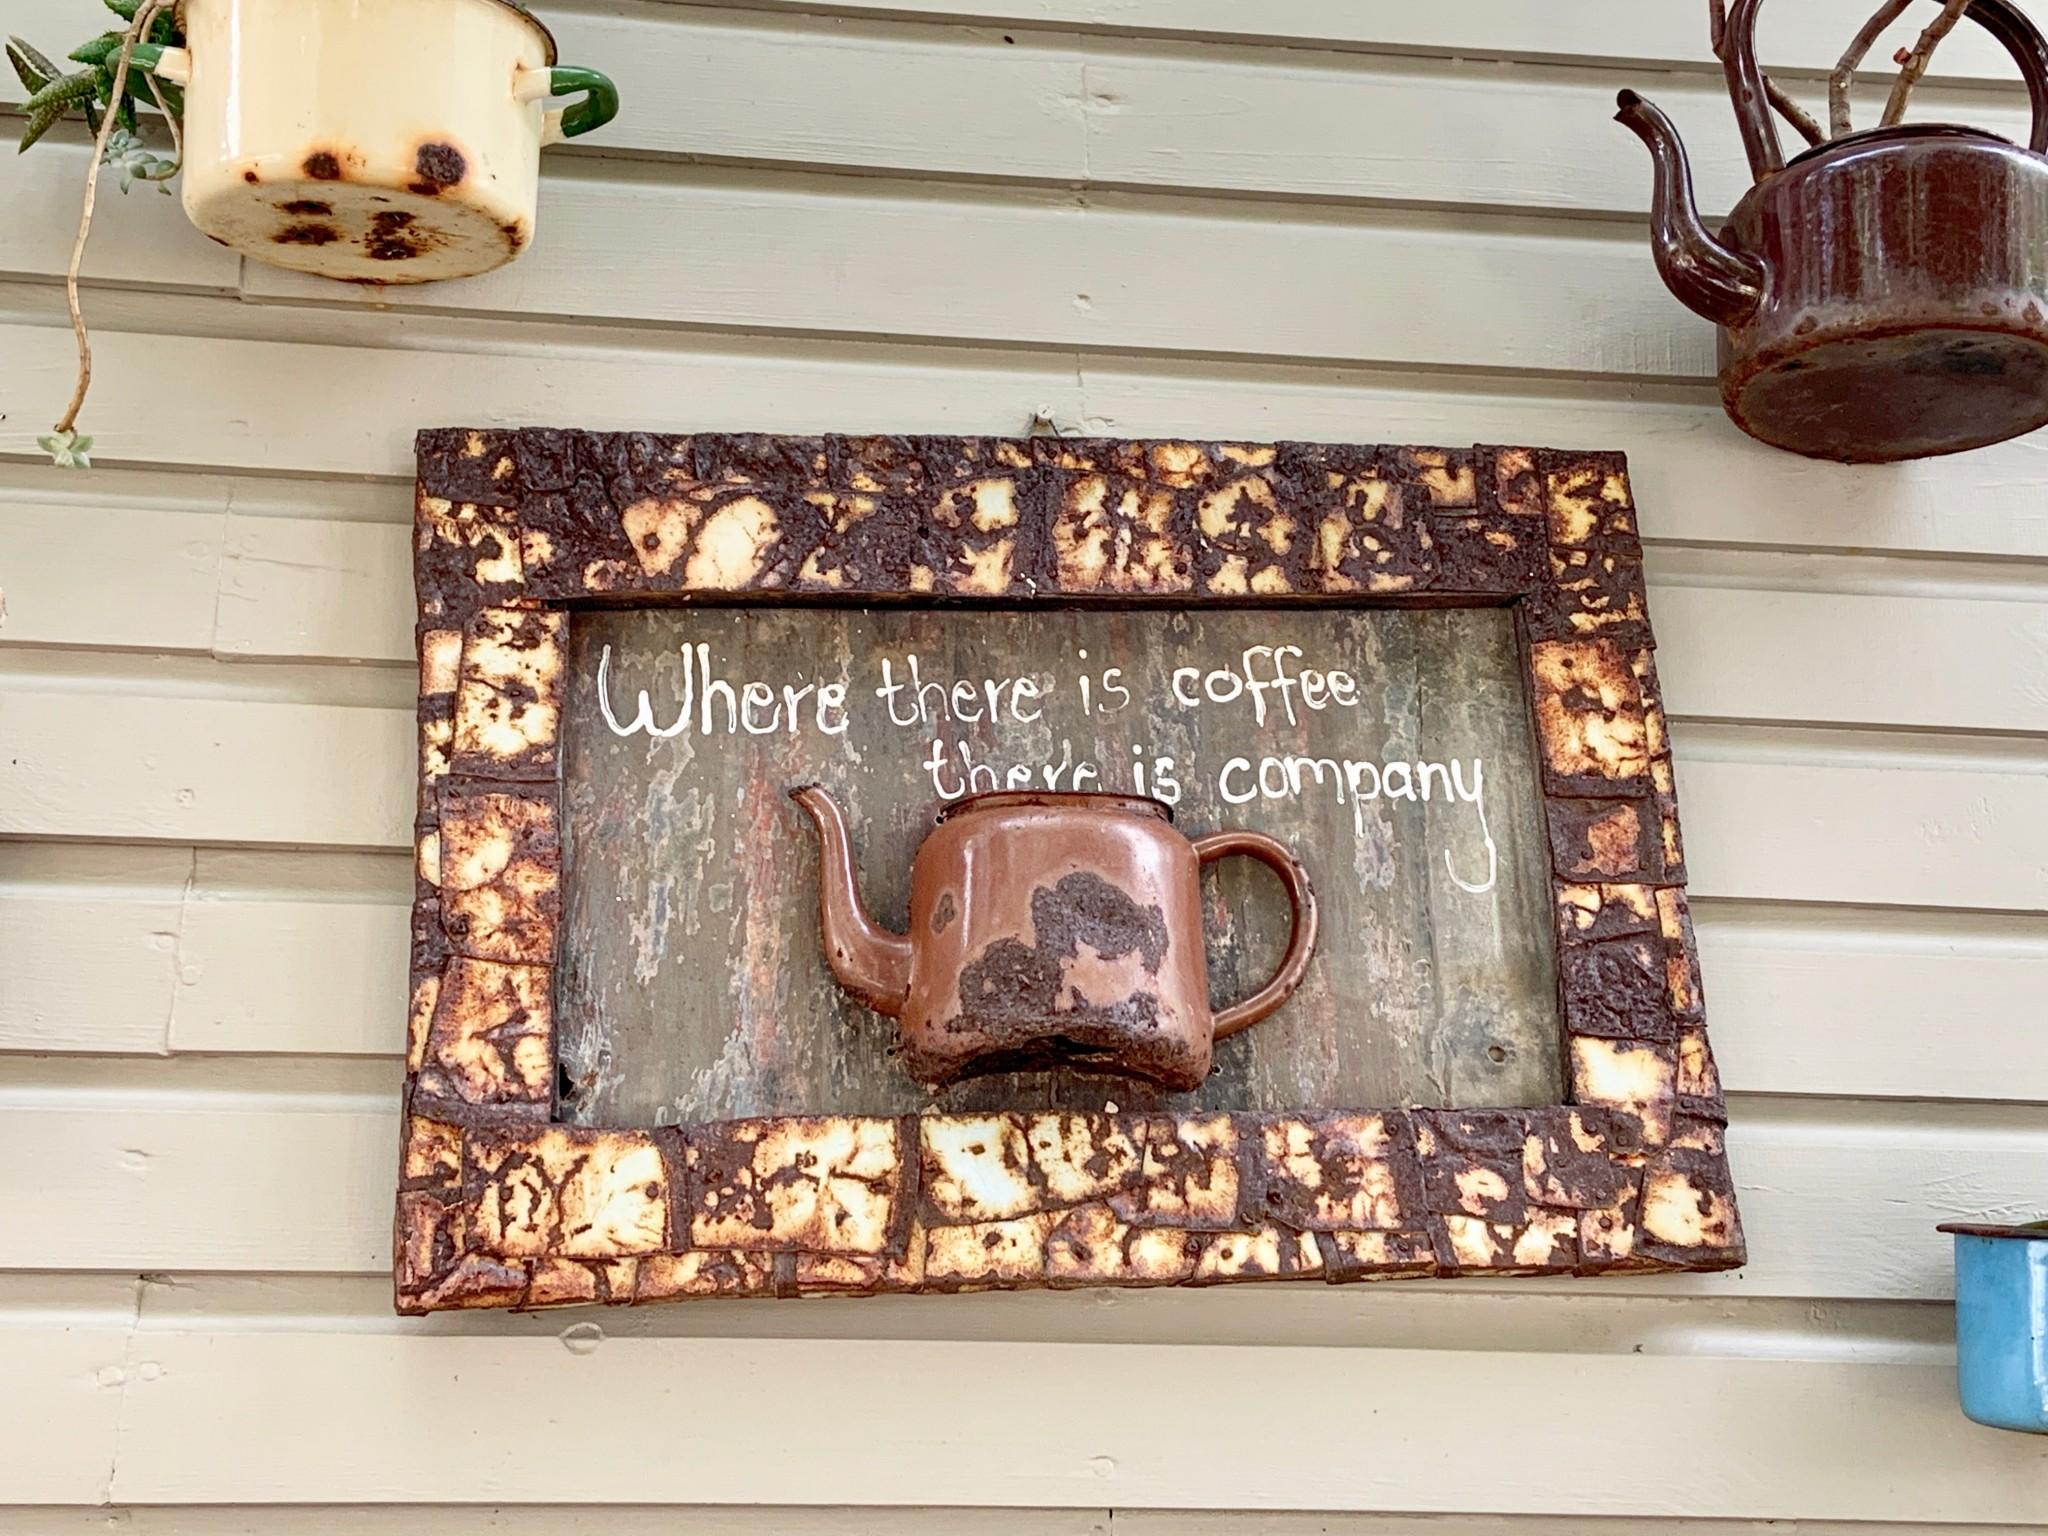 Alte Kaffeekanne hängt als kunstvolles Objekt an Holzwand